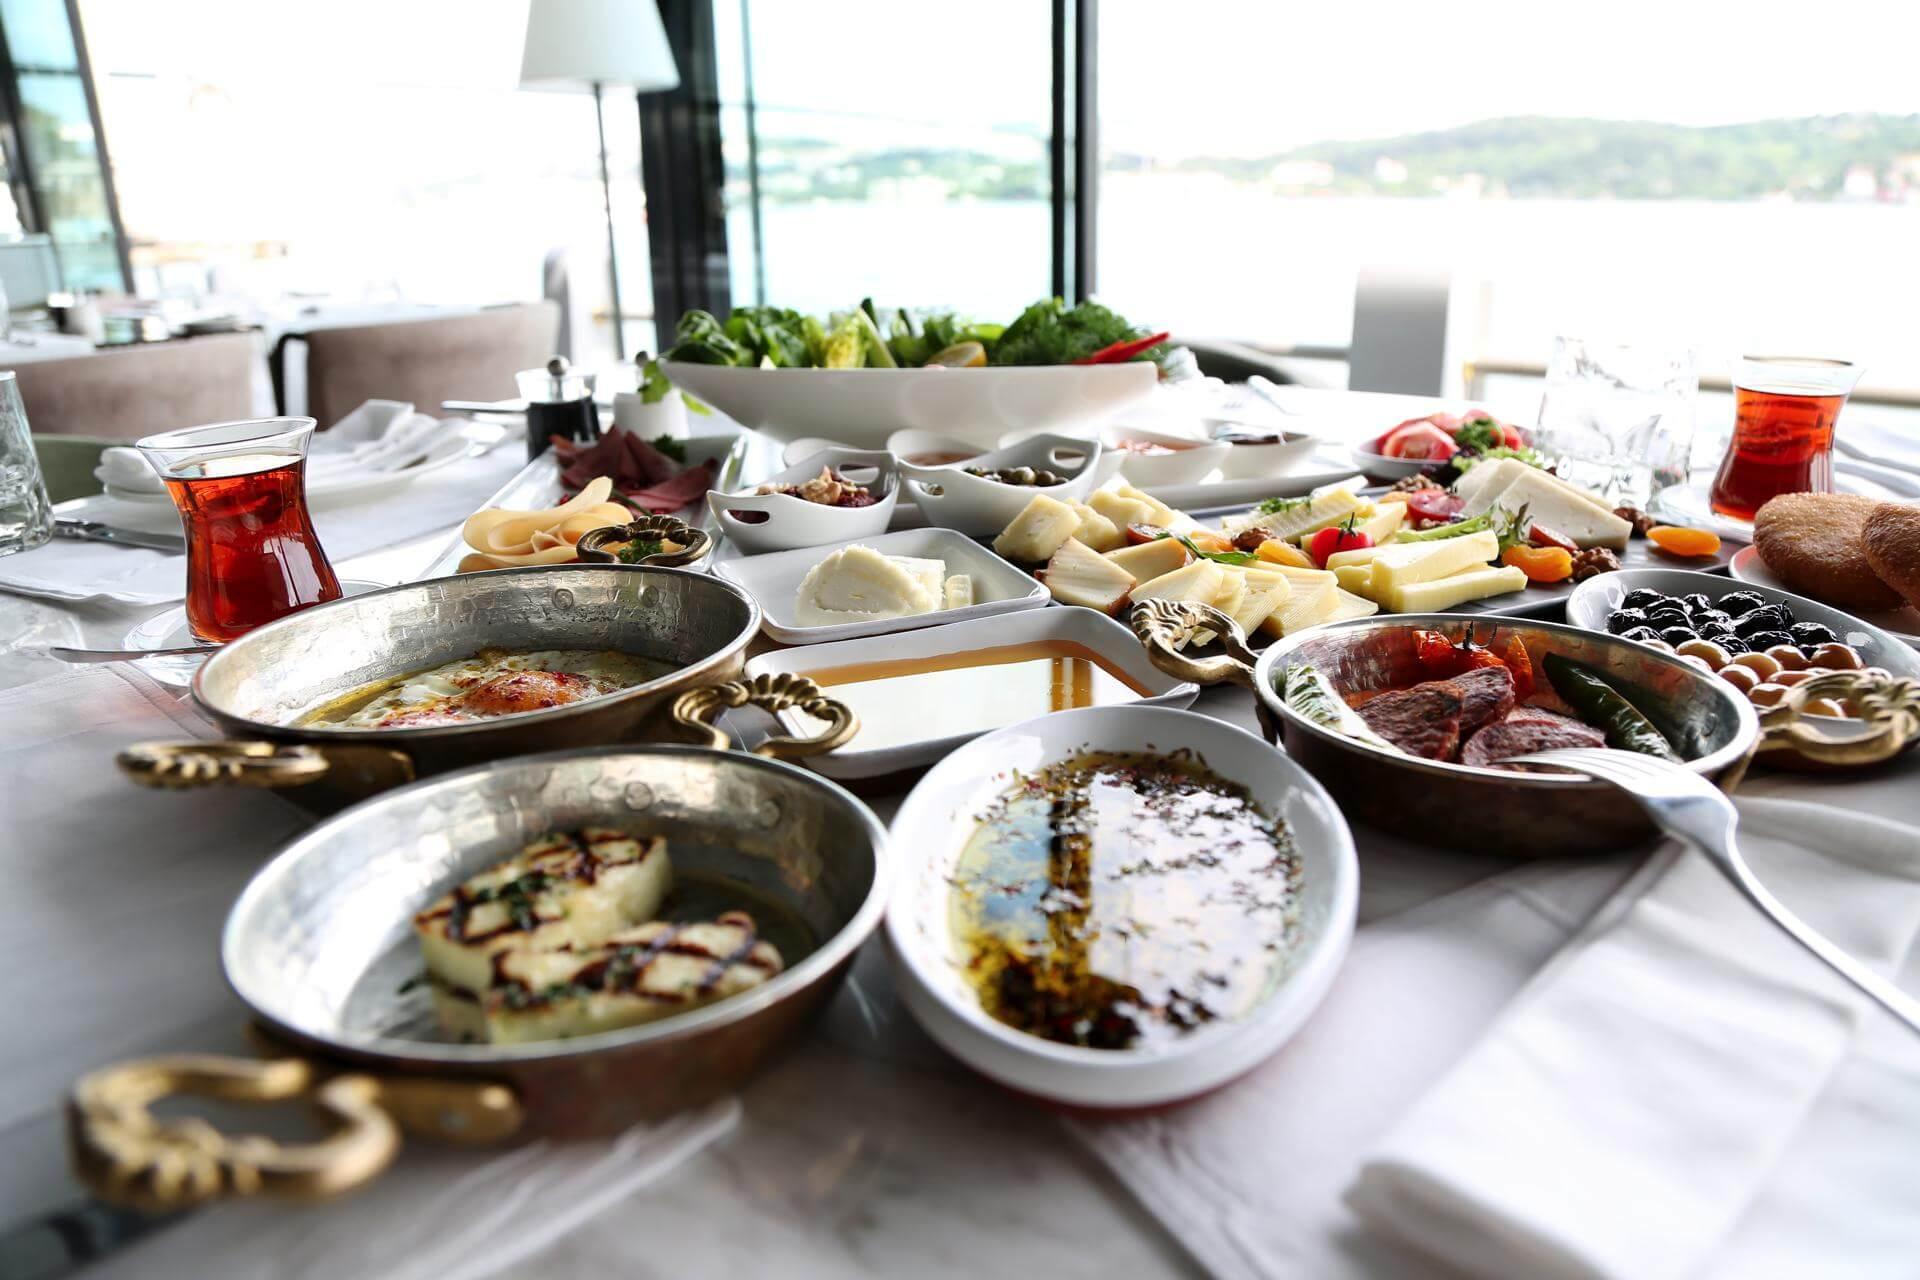 Boğaz'da Kahvaltı Mekanları Arasından En İyileri